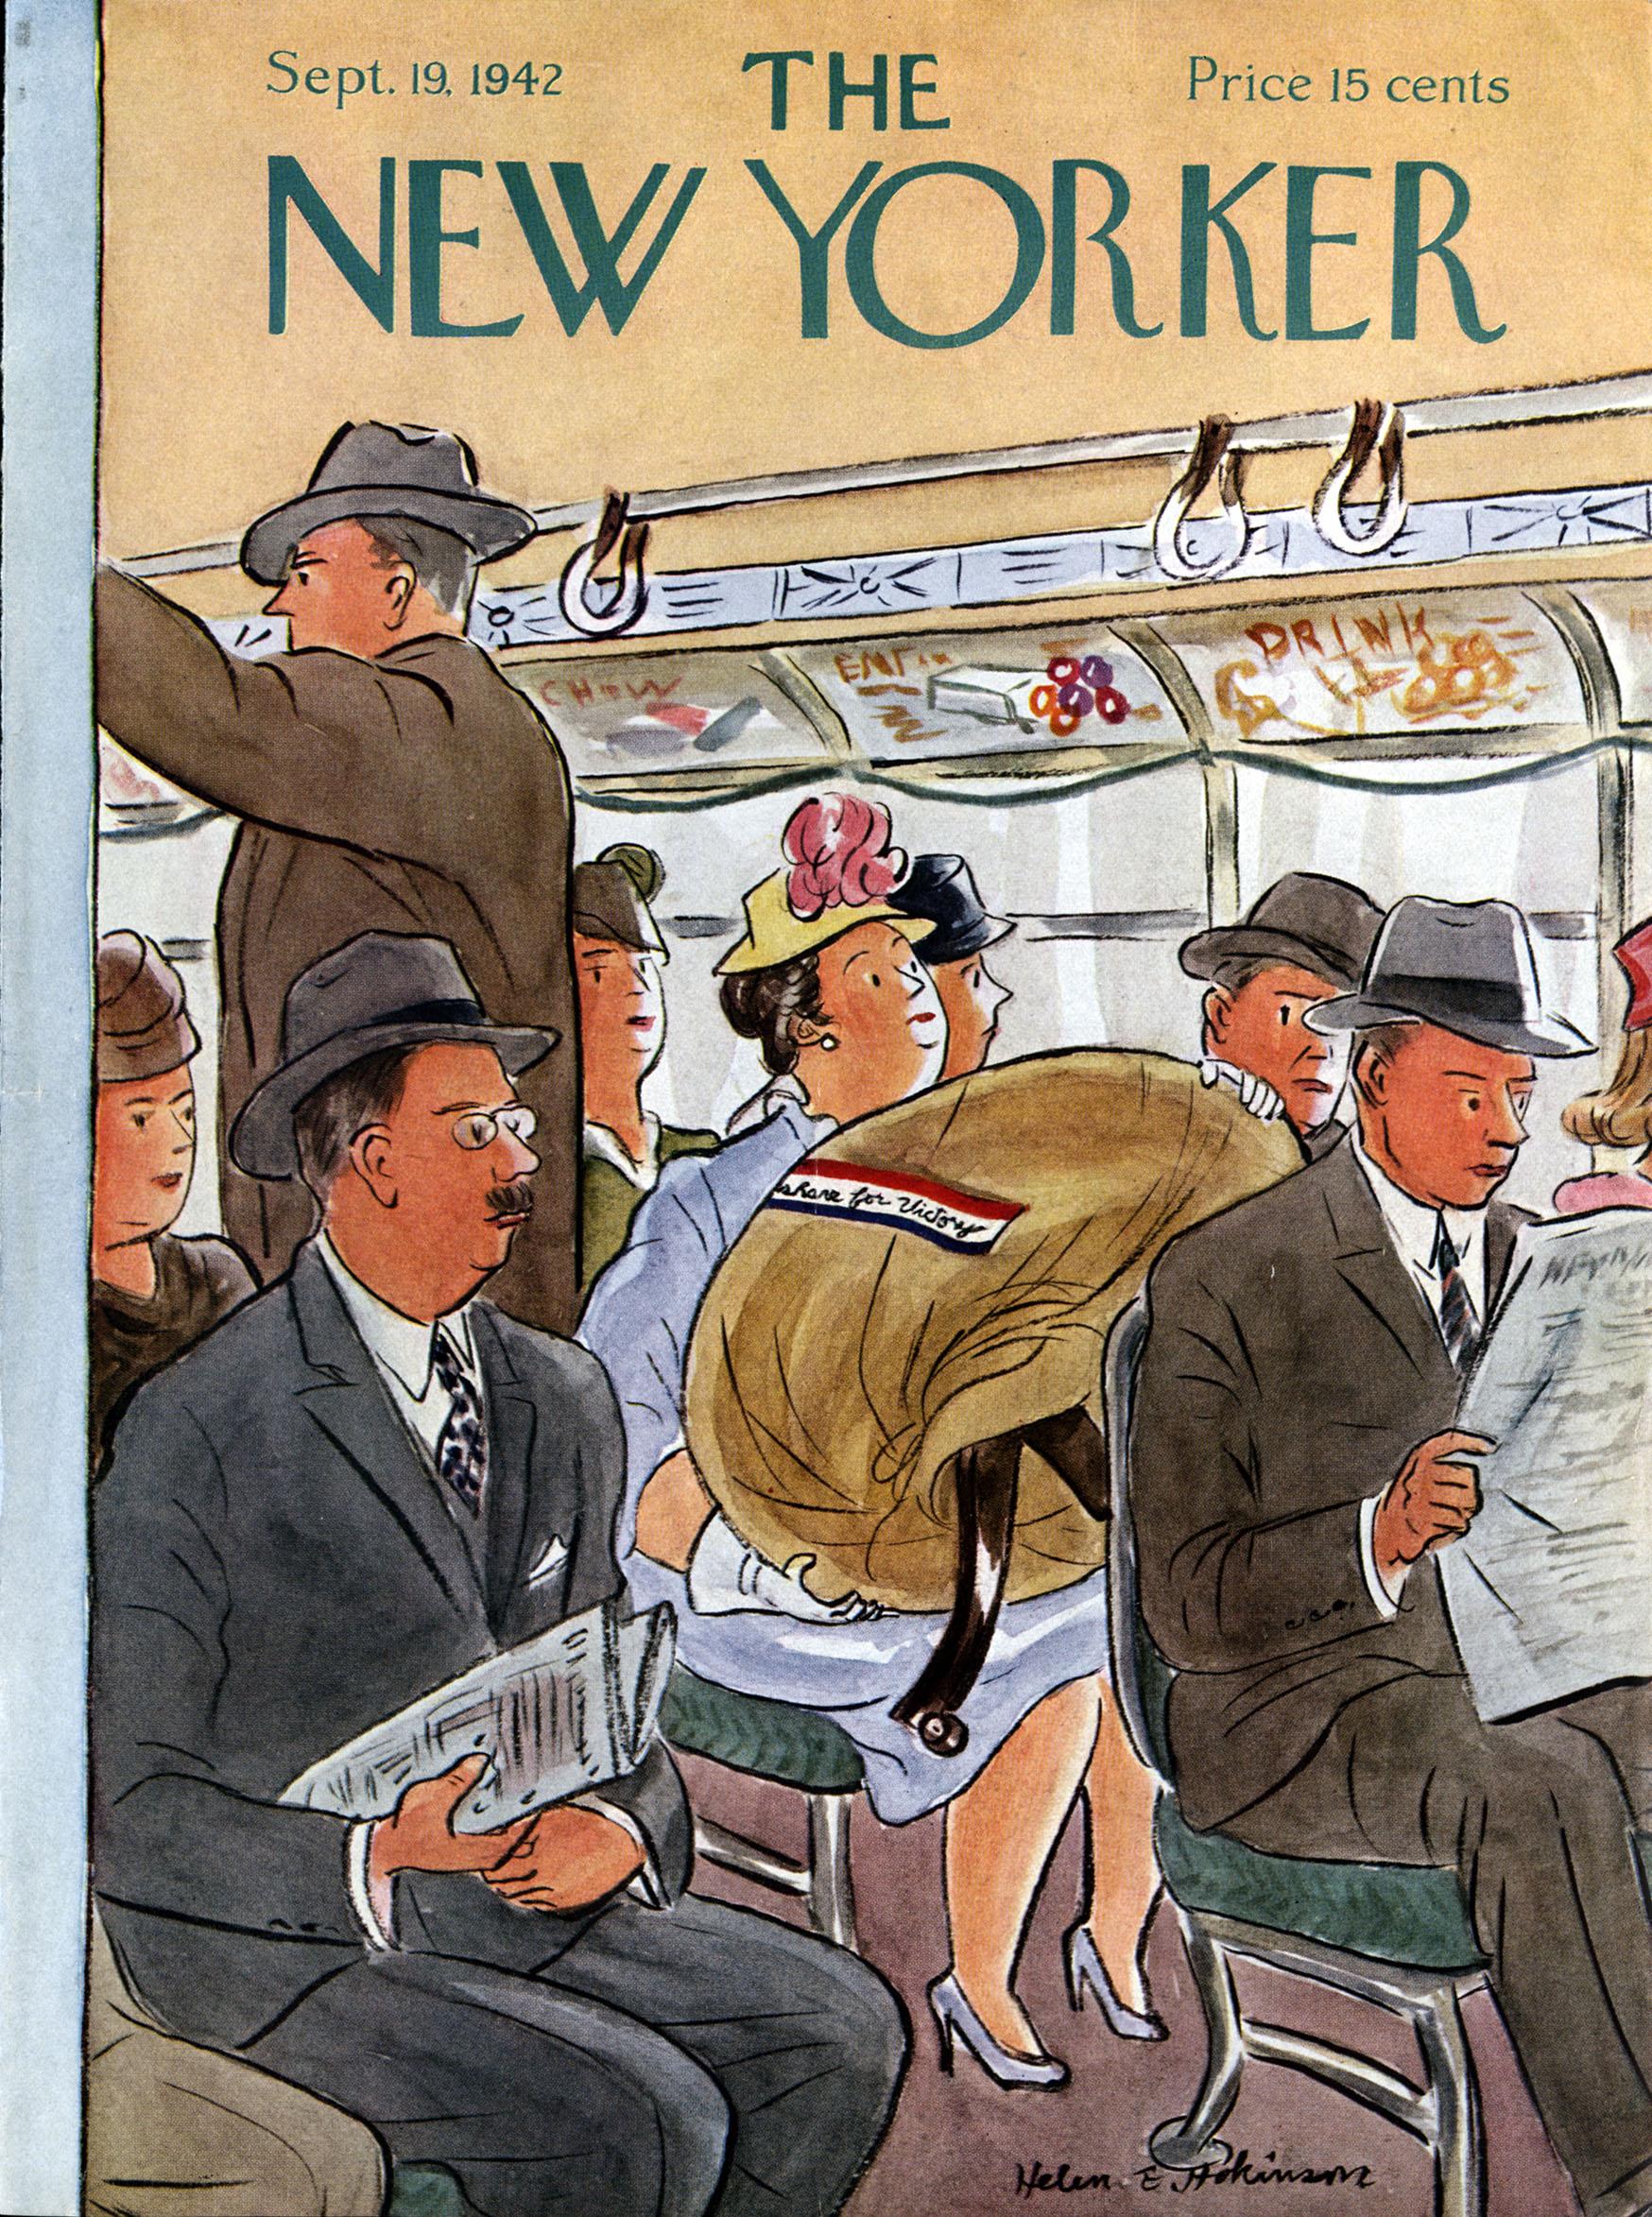 Helen E. Hokinson, Cover Illustration for  The New Yorker . September 19,1942.